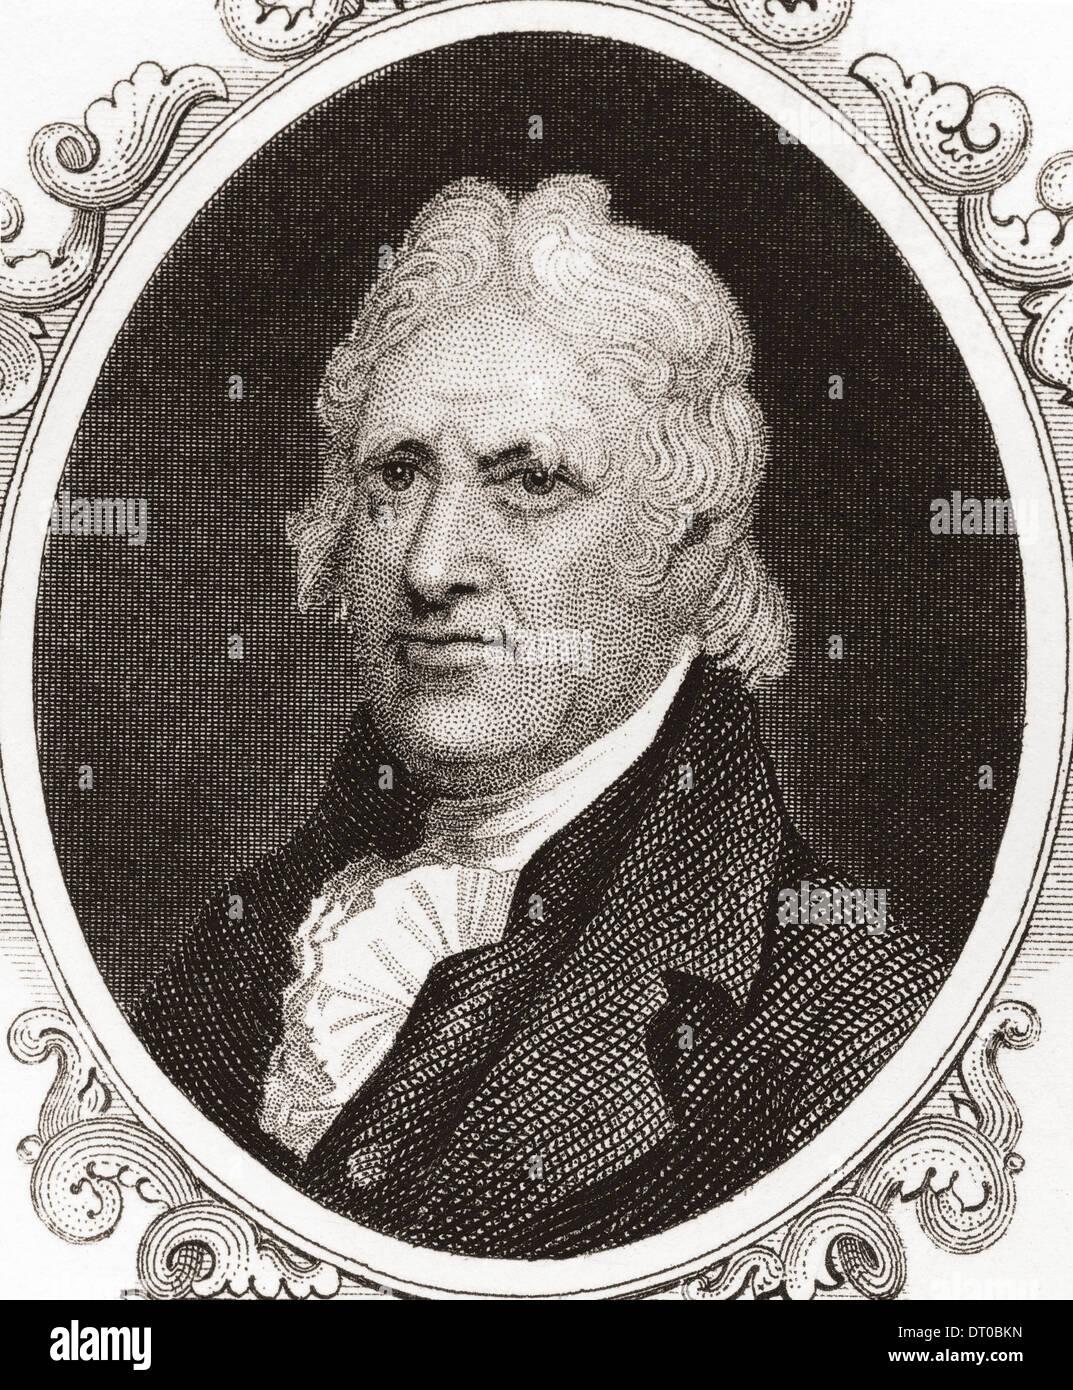 George Clinton, 1739 ? 1812. US-Soldat und Staatsmann, einer der Gründerväter der Vereinigten Staaten Stockbild